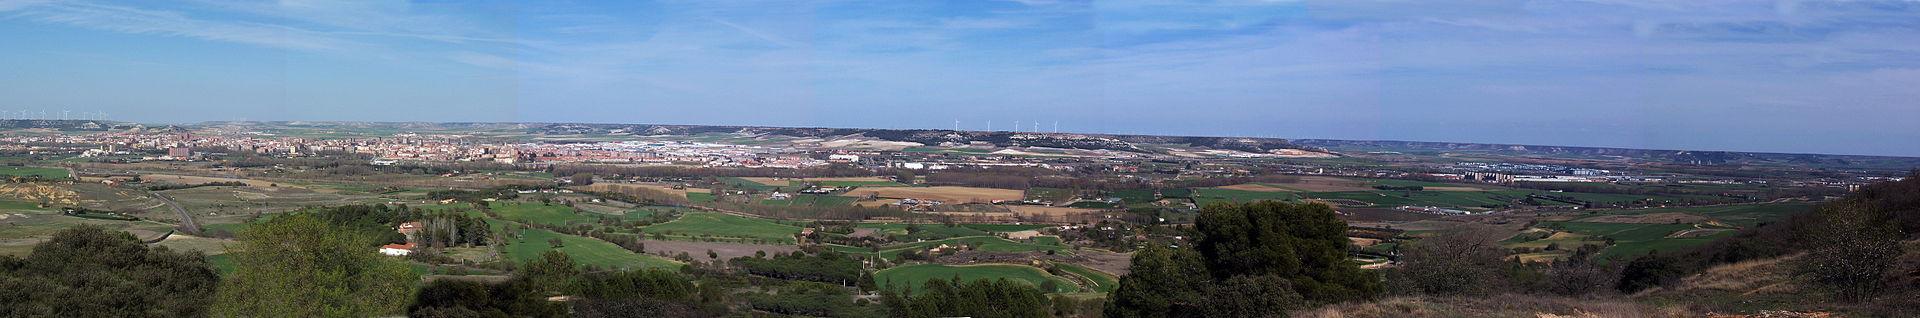 Qué ver qué hacer en Palencia, Panorámica de la ciudad de Palencia